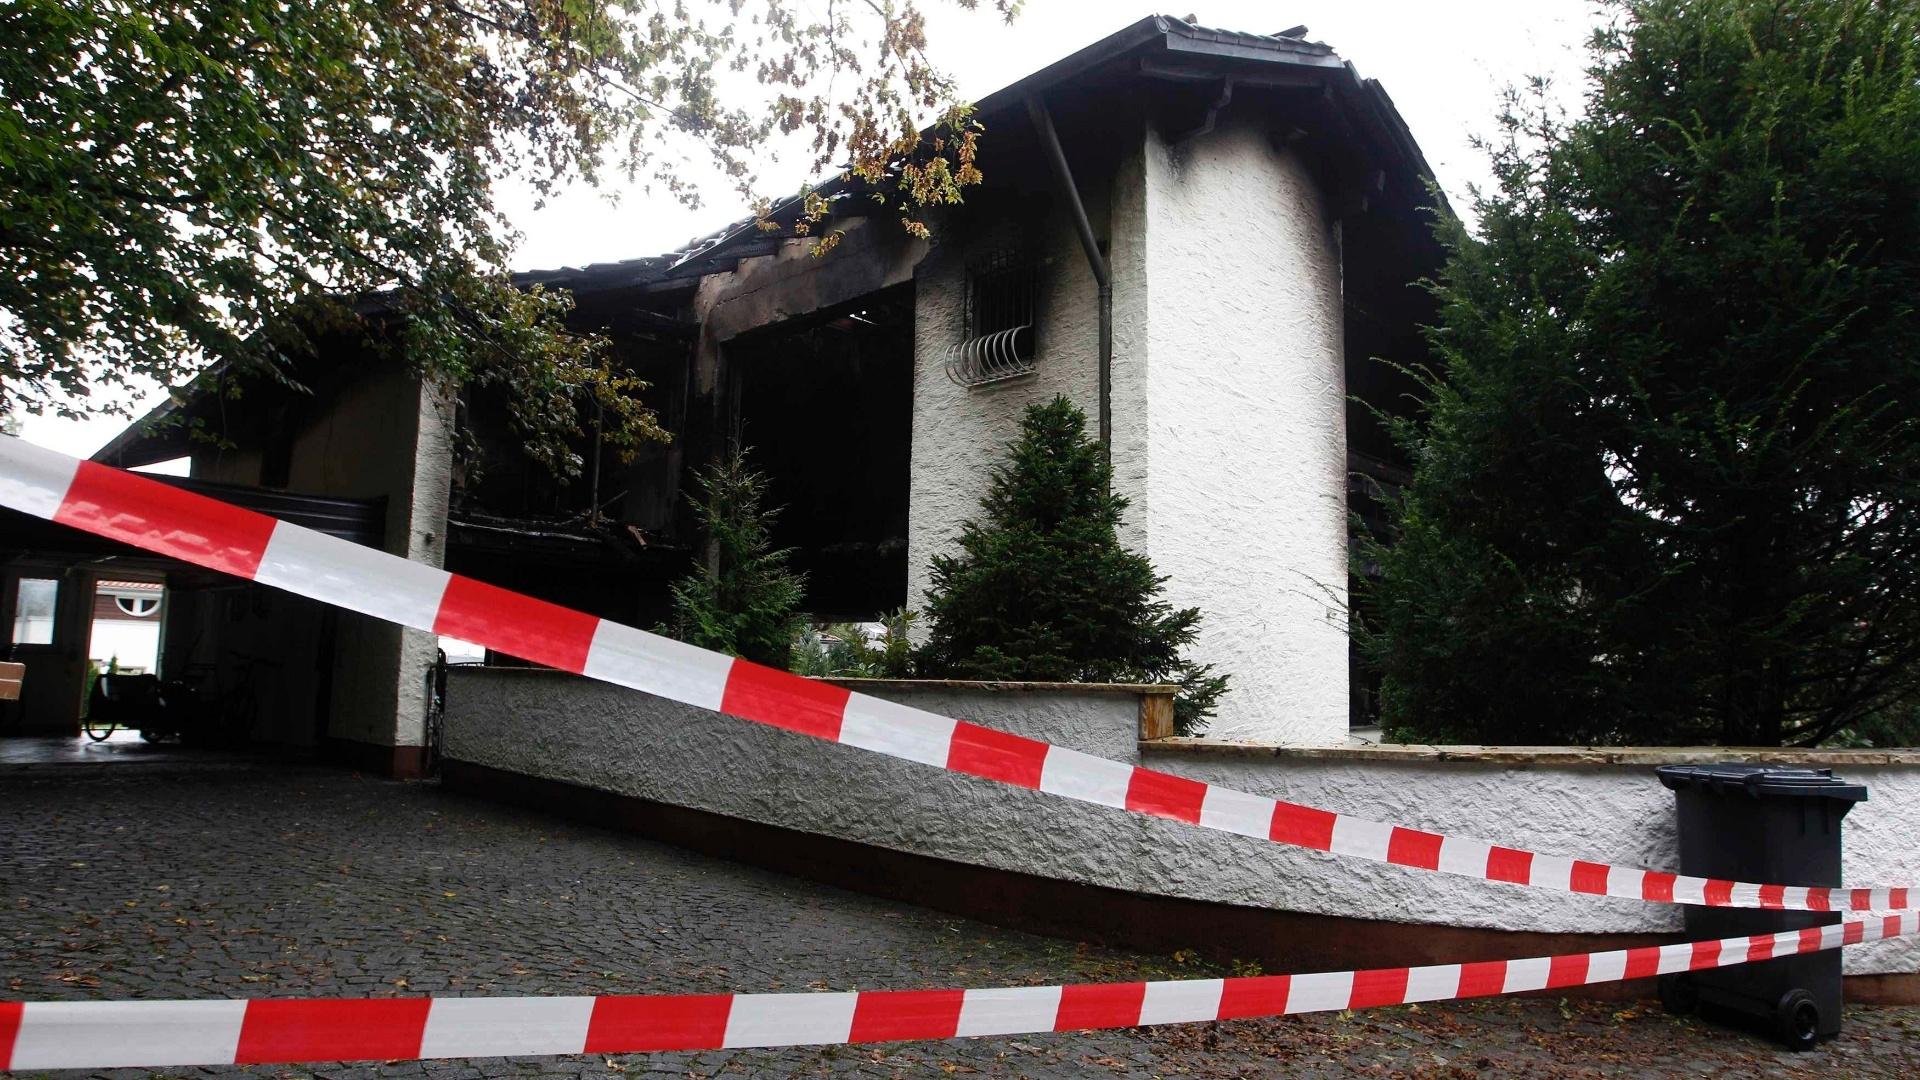 Casa de Breno, zagueiro do Bayern de Munique, foi praticamente destruída após um incêndio nesta madrugada. Jogador brasileiro foi levao ao hospital por ter inalado fumaça, mas não sofreu ferimentos graves